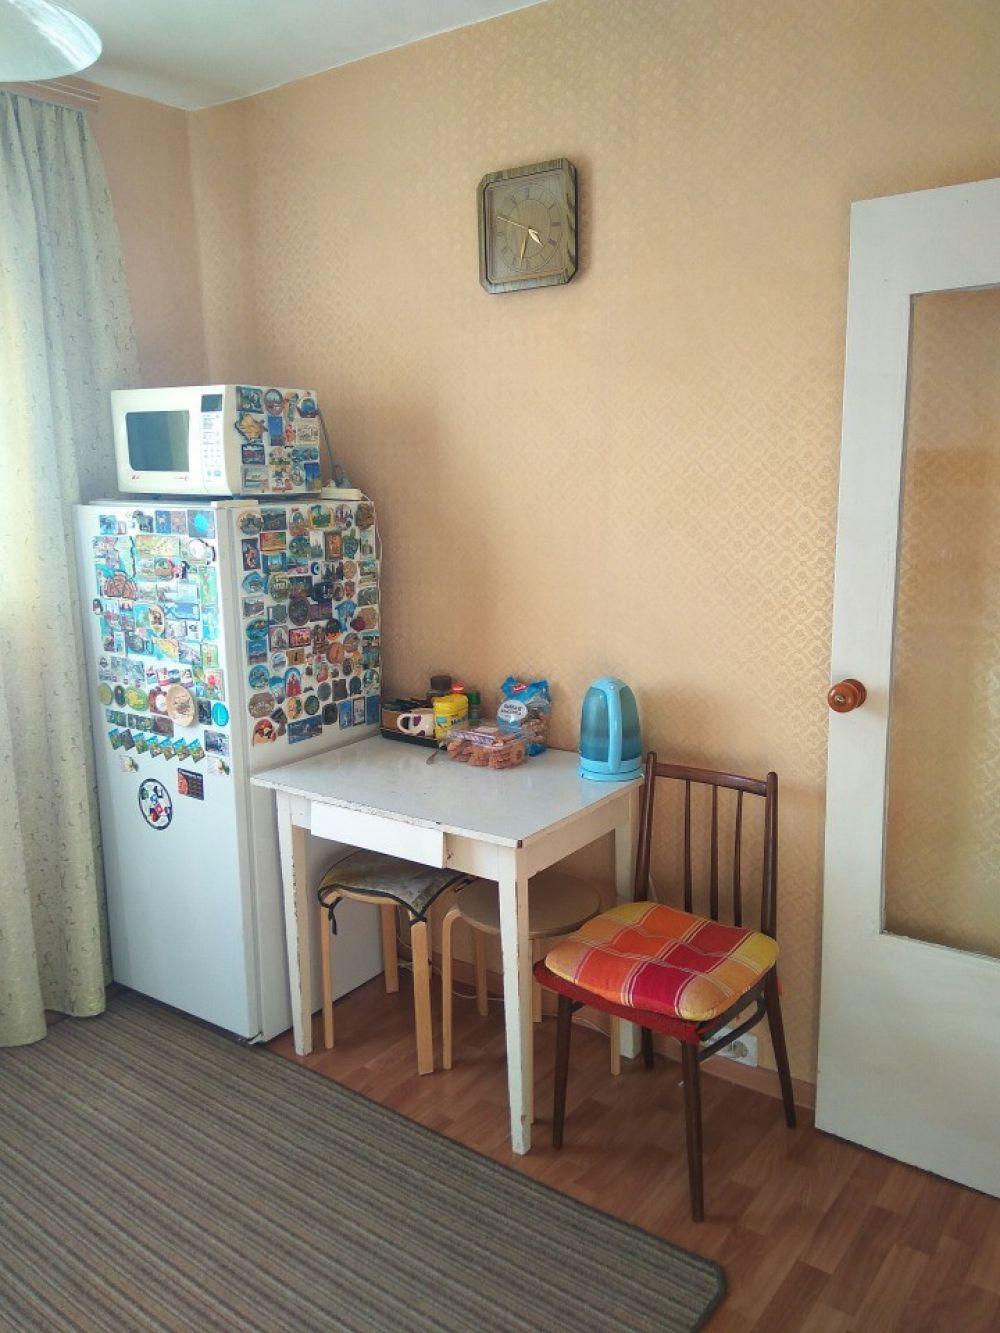 1-к квартира, Щёлково, ул. Неделина, 17, фото 3